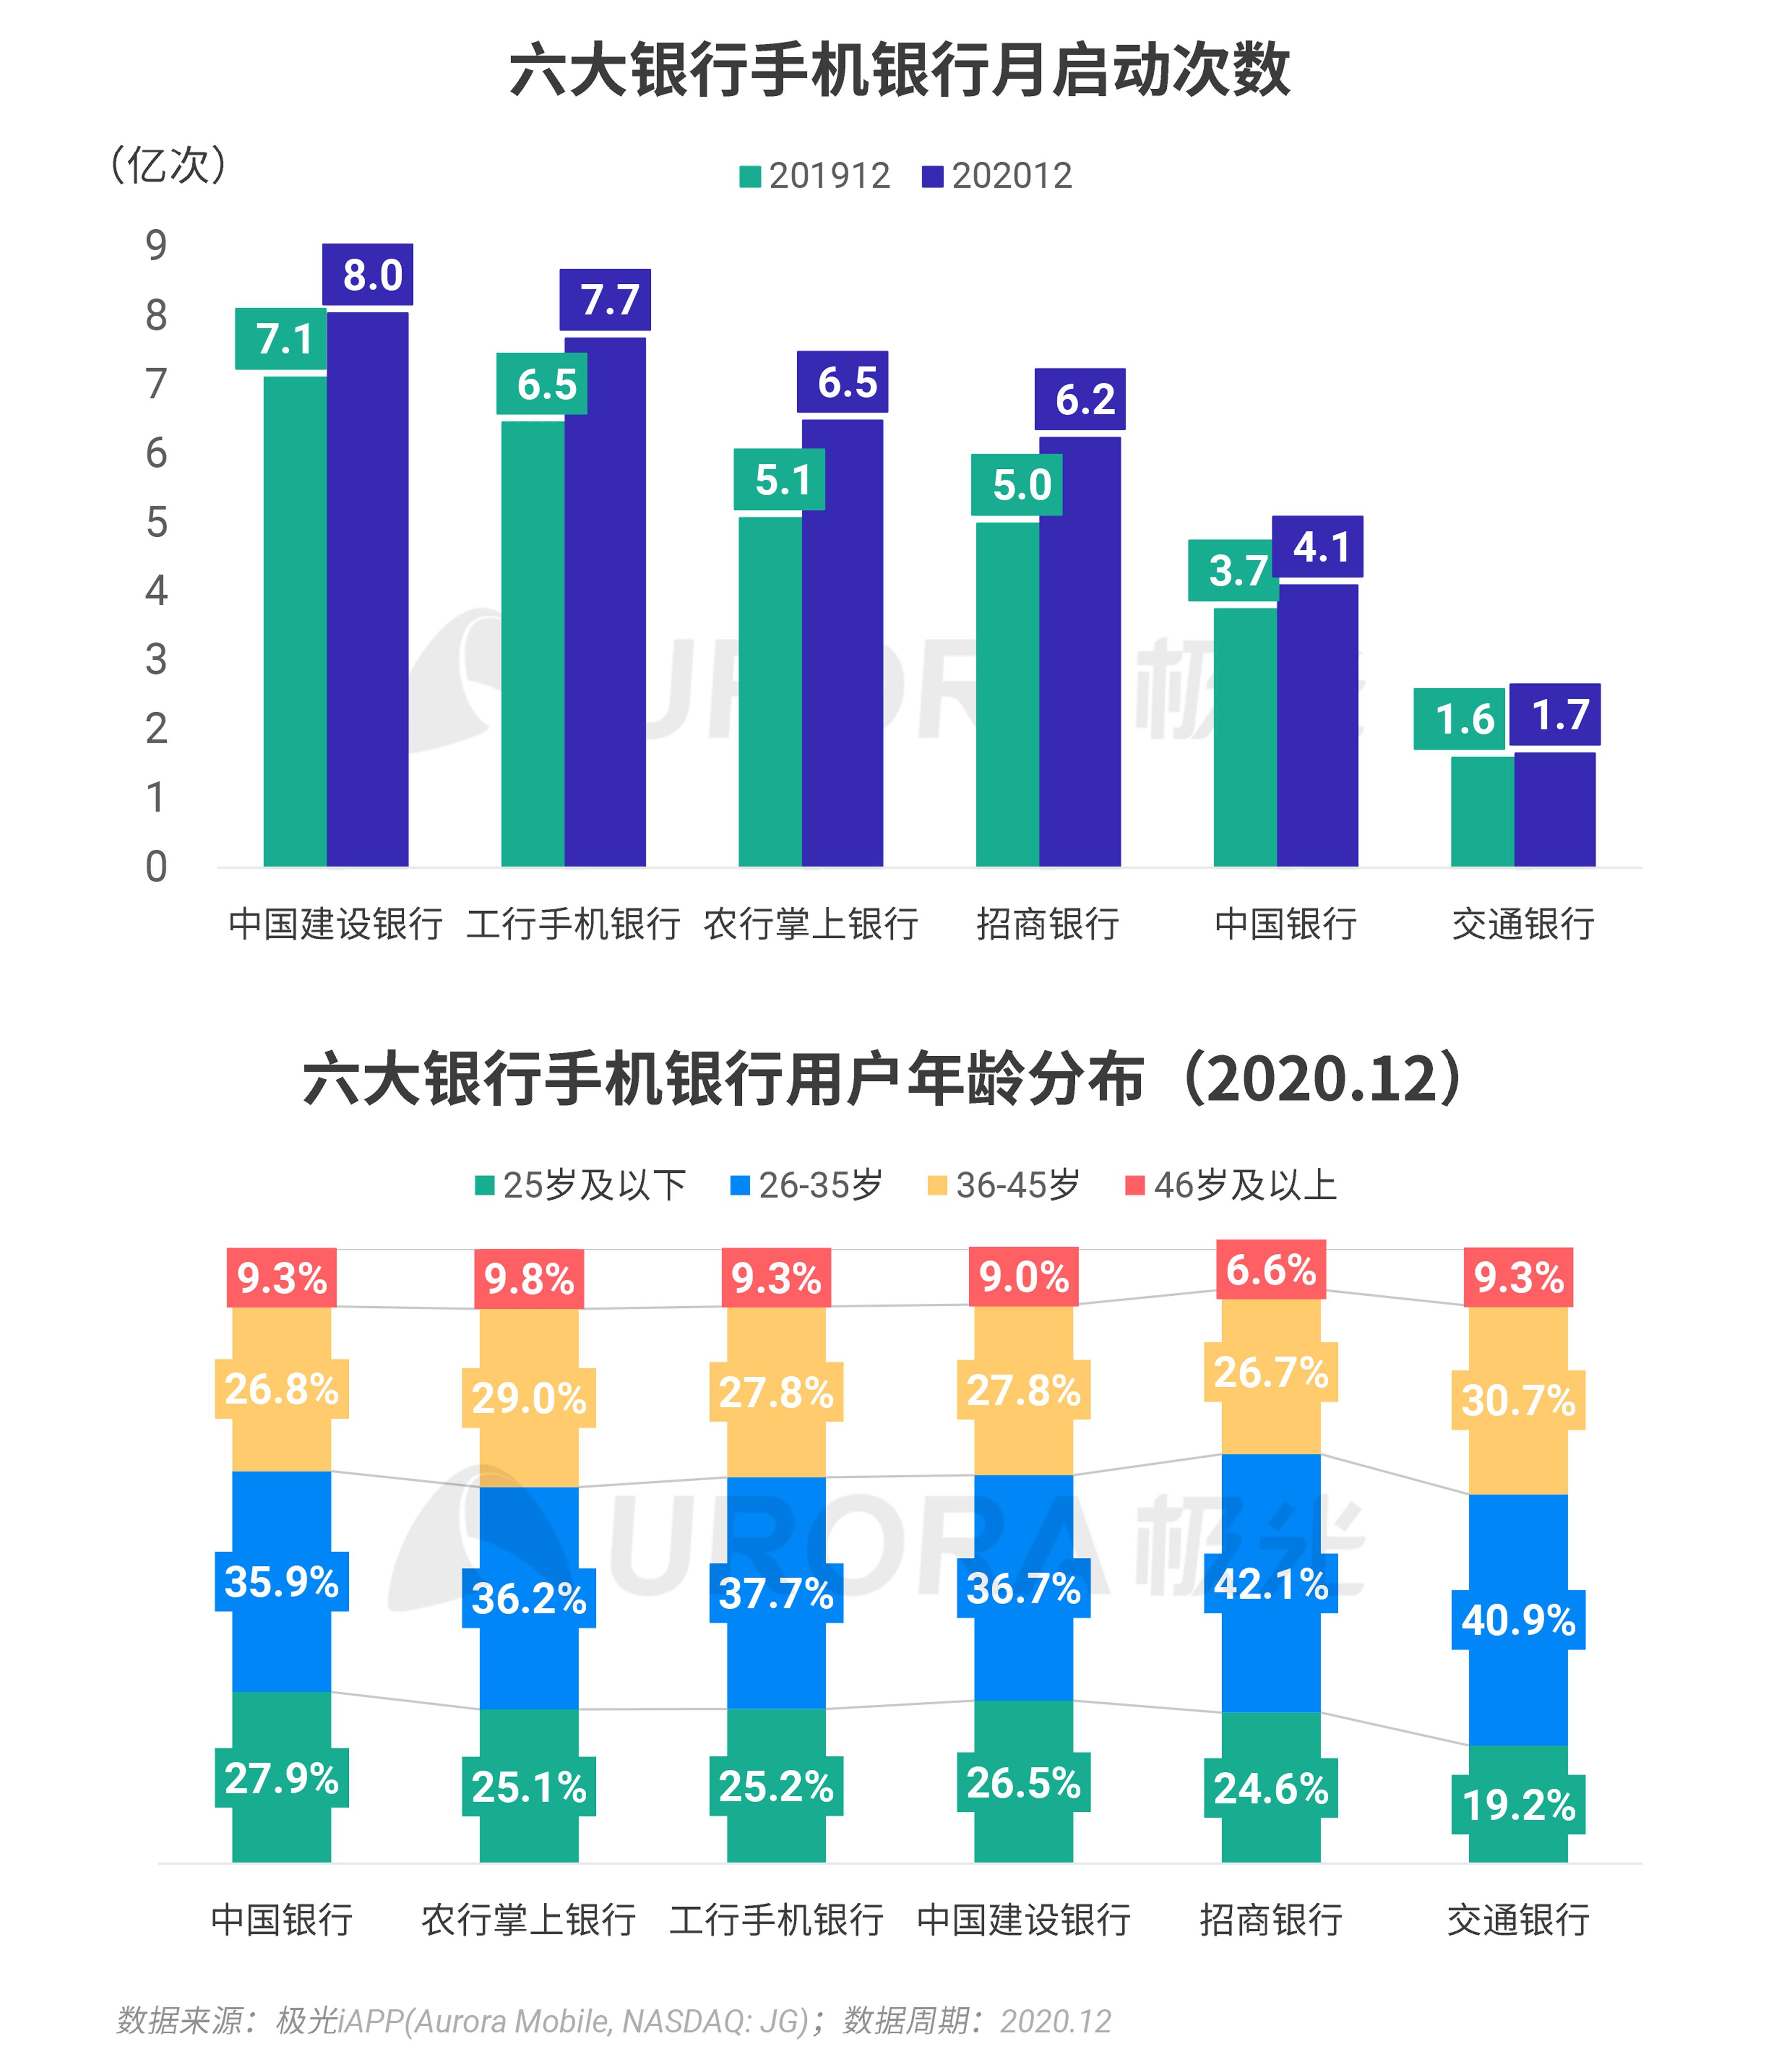 极光:2020年Q4移动互联网行业数据研究报告 (31).png